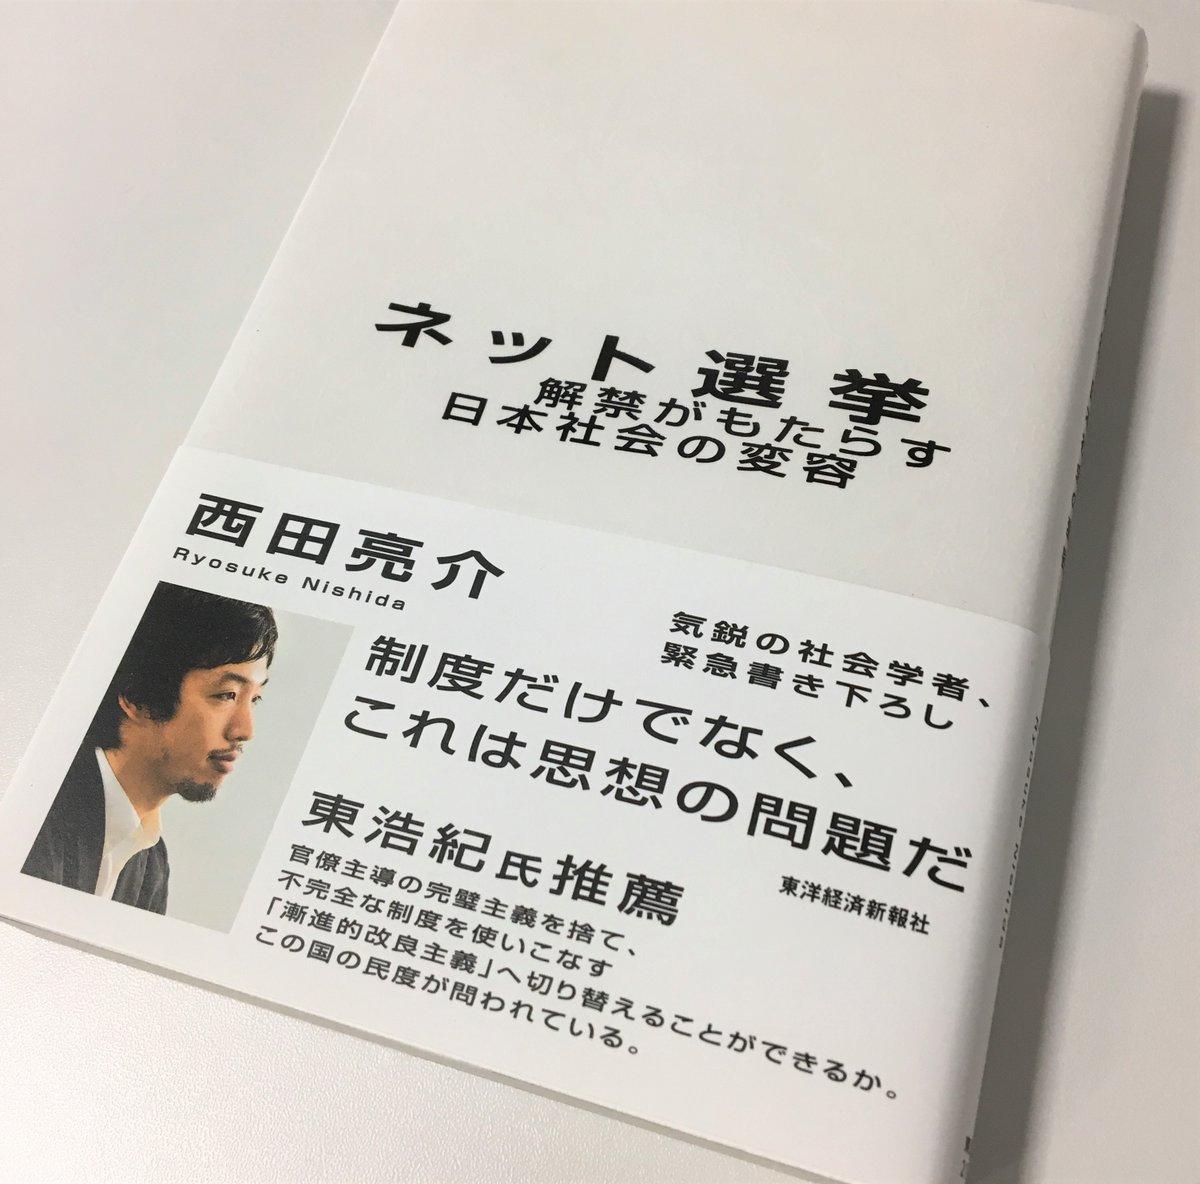 【新着本情報】『 ネット選挙 解禁がもたらす日本社会の変容』西田亮介 著東洋経済新報社 *本学准教授西田亮介先生の著書が入りました。「新着図書」コーナーに置いています。詳細はこちらをご覧ください。